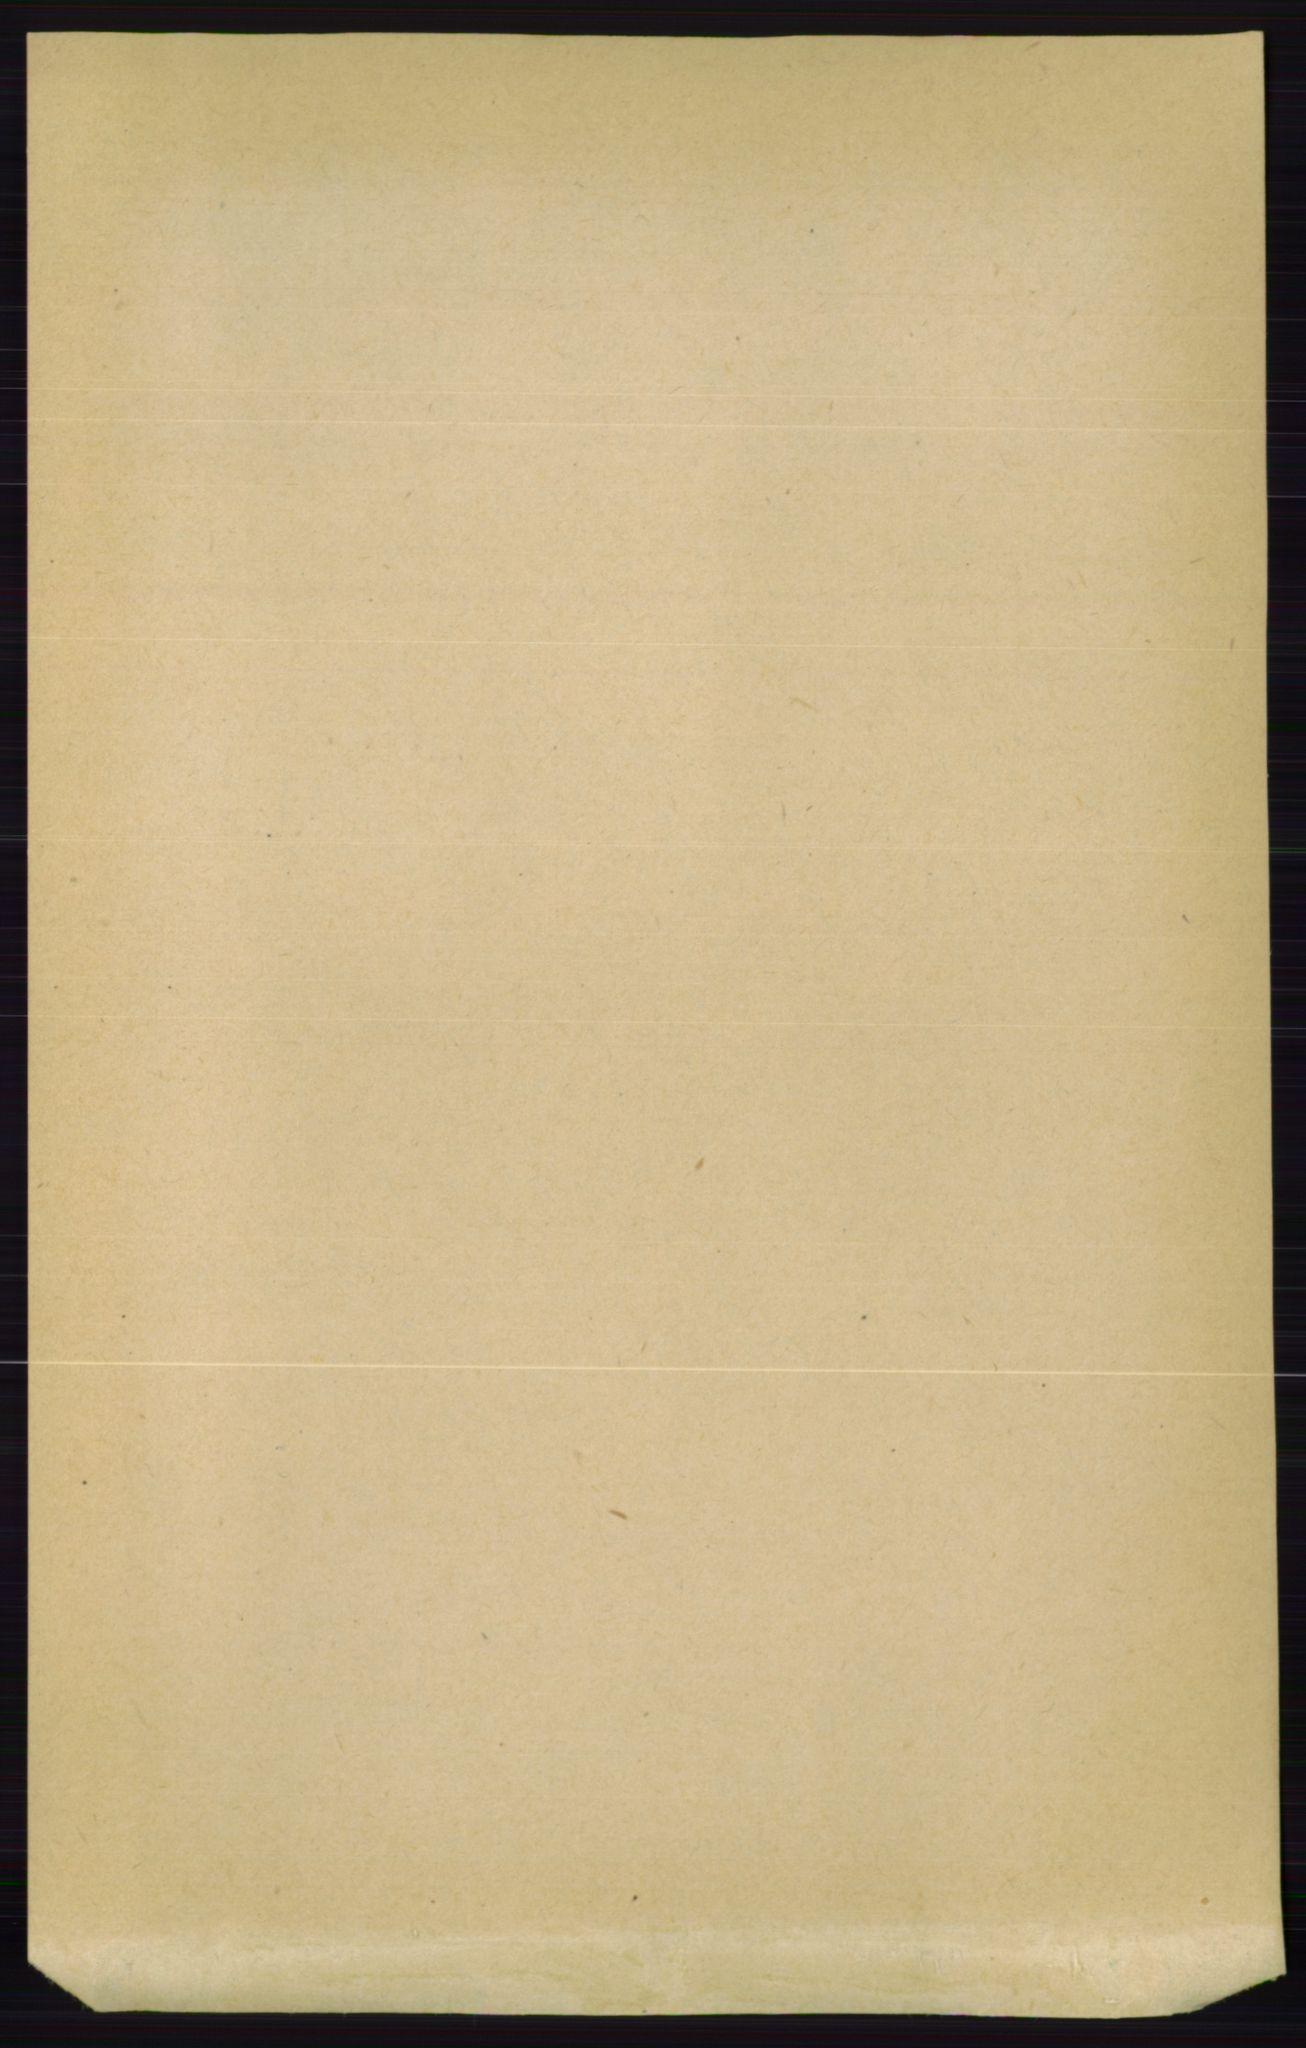 RA, Folketelling 1891 for 0835 Rauland herred, 1891, s. 254